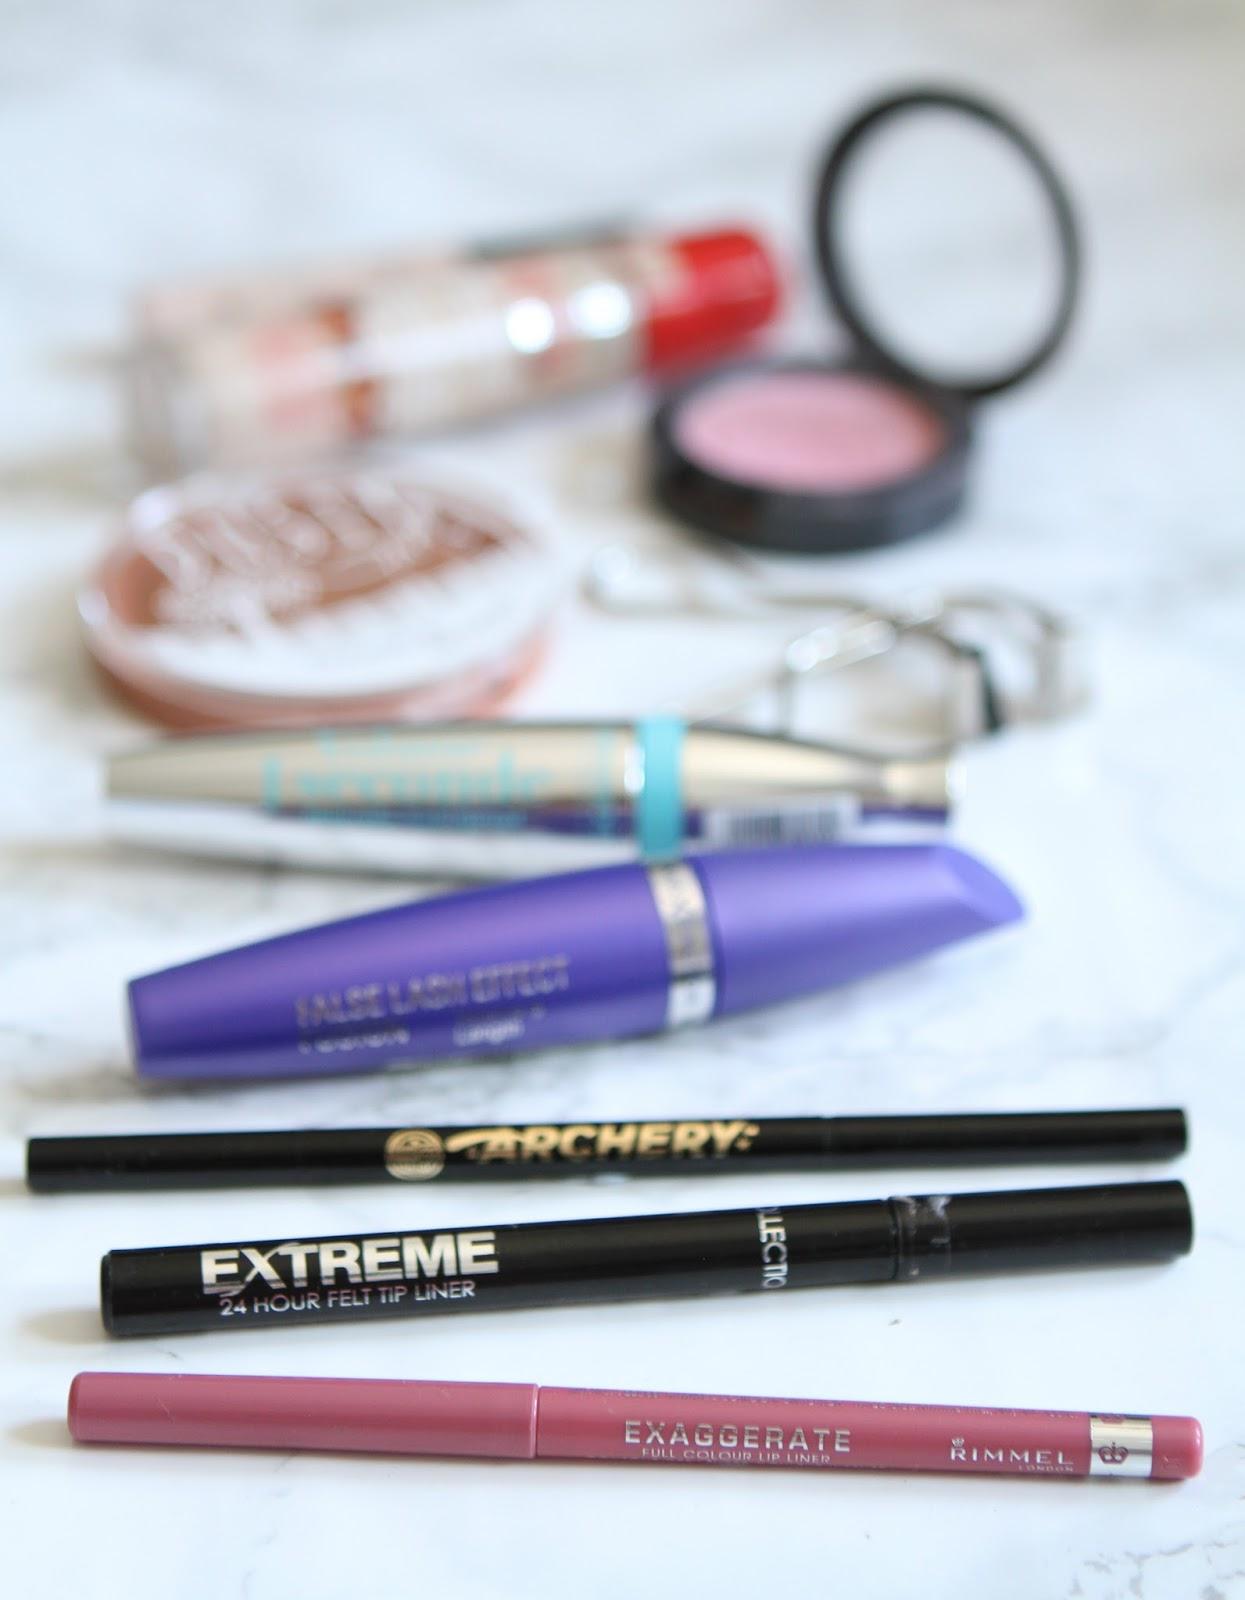 Camera ready makeup